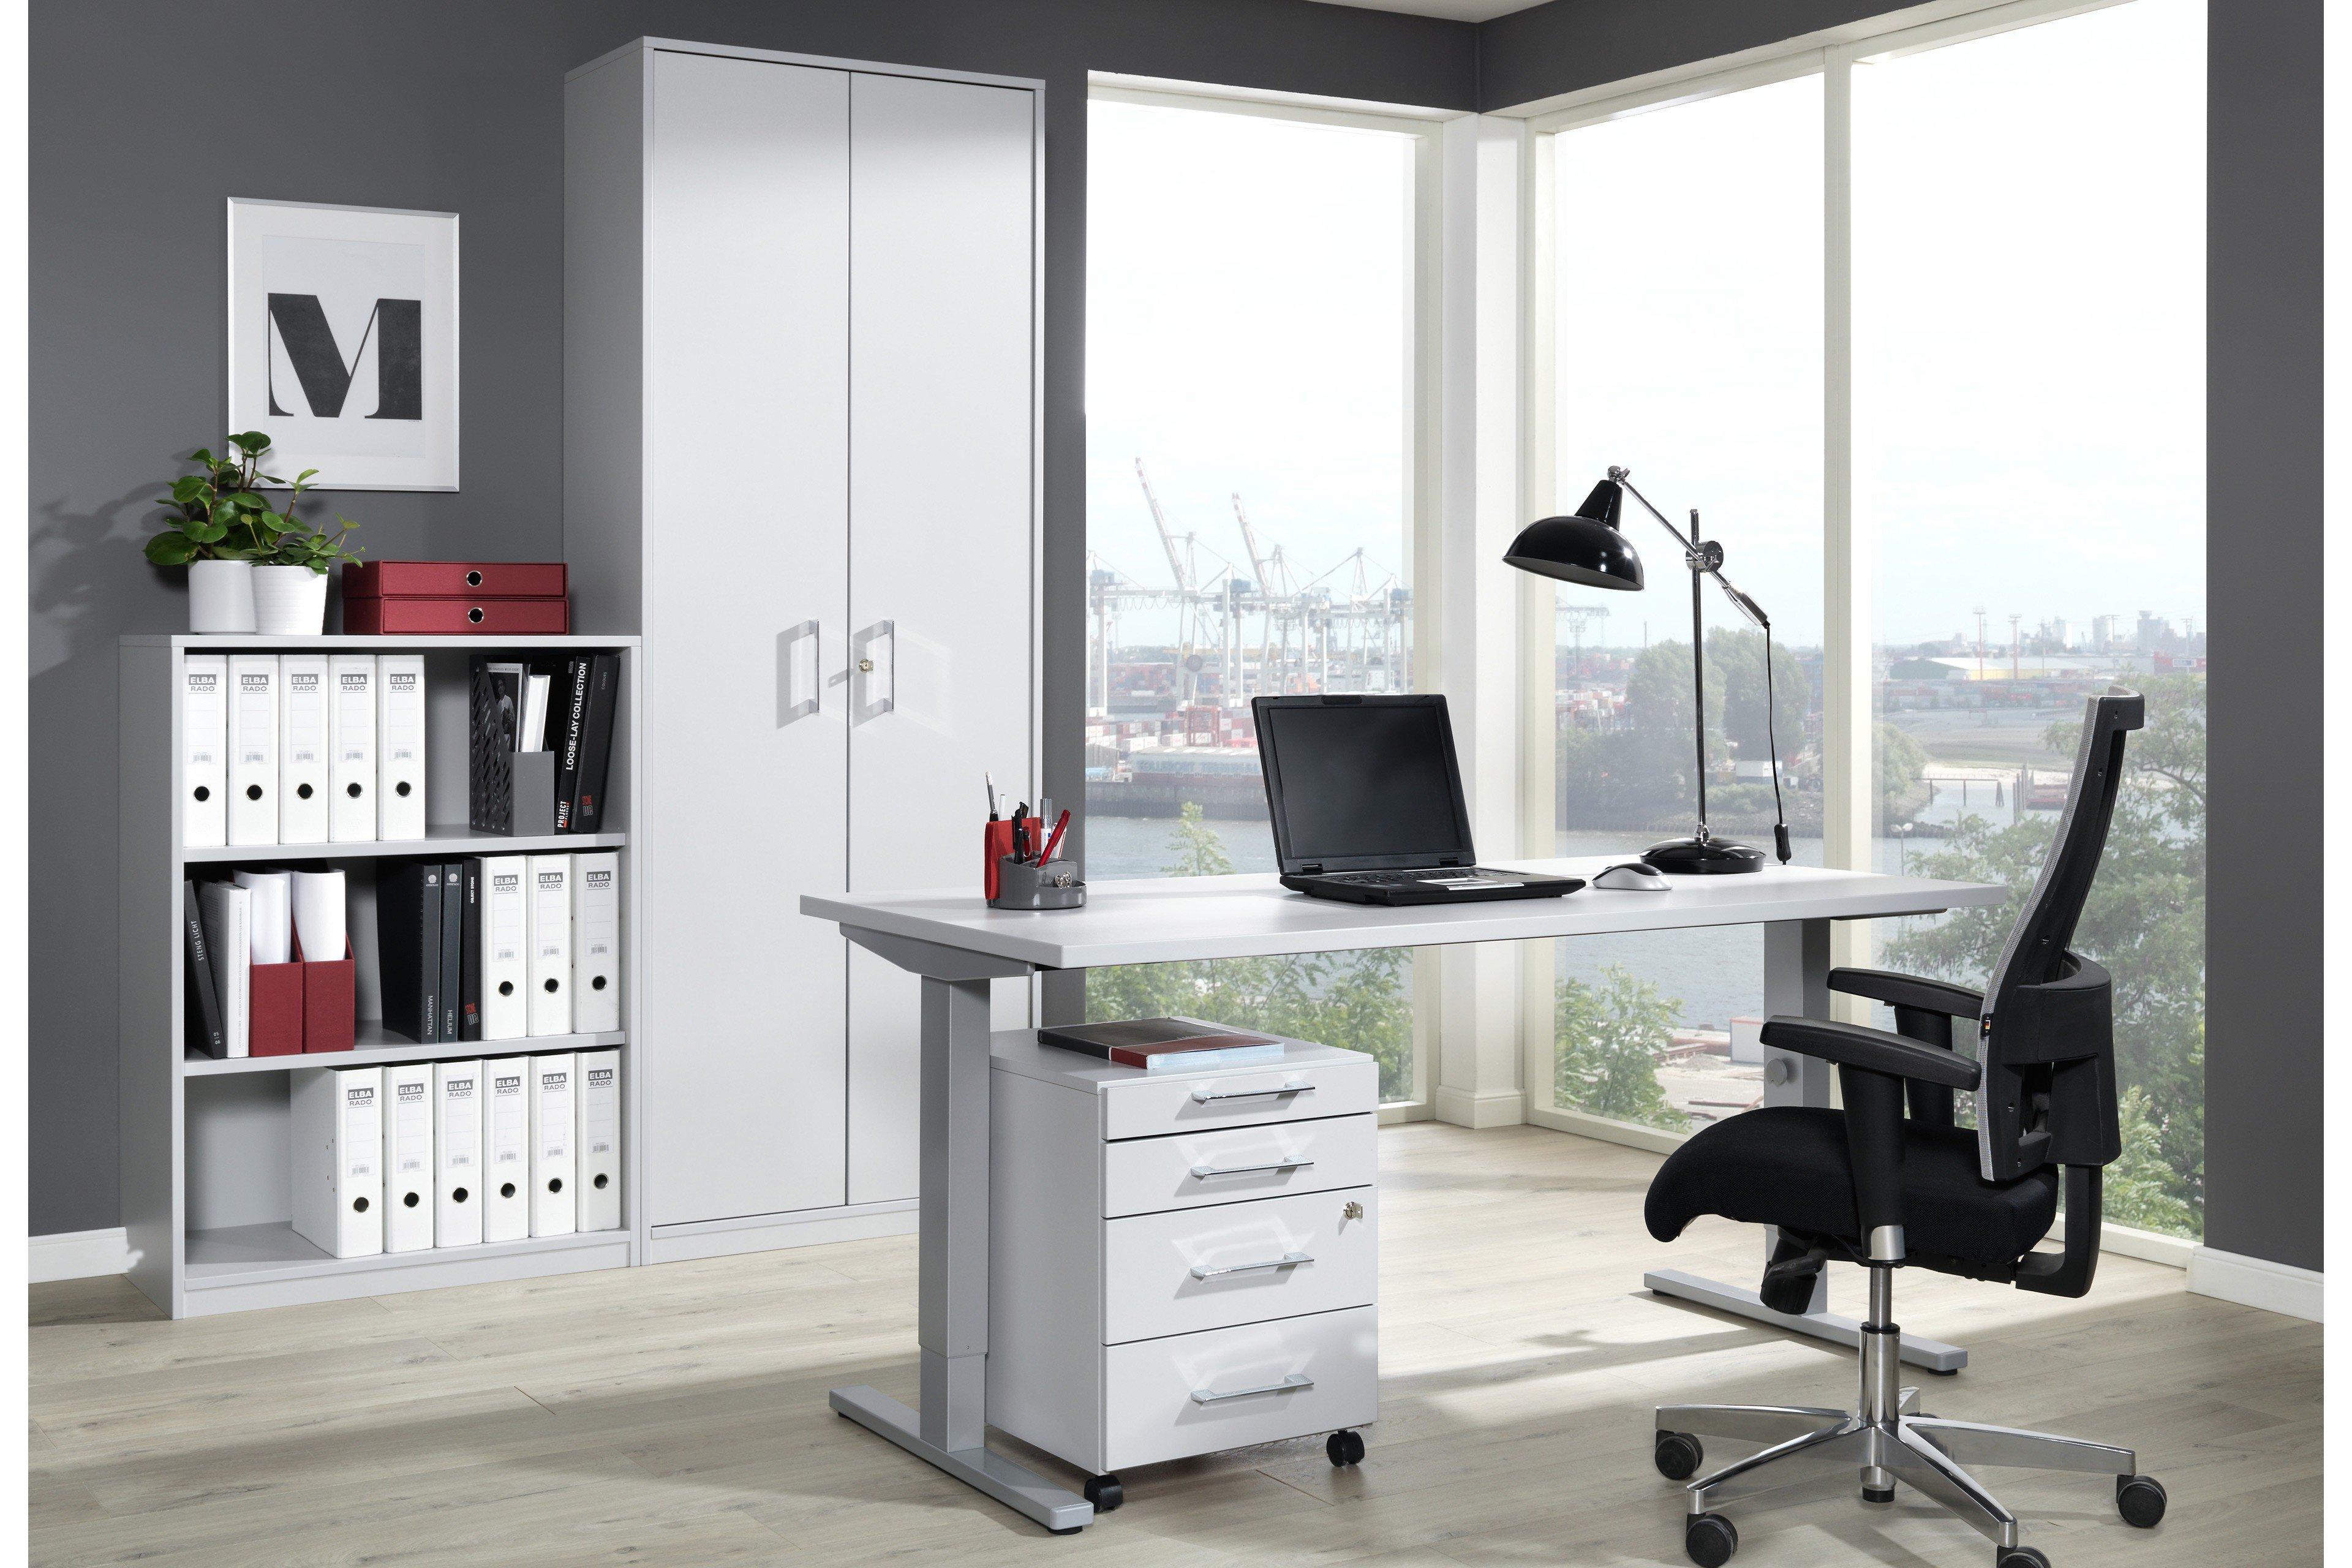 welle avanti plus elektrisch h henverstellbarer schreibtisch m bel letz ihr online shop. Black Bedroom Furniture Sets. Home Design Ideas